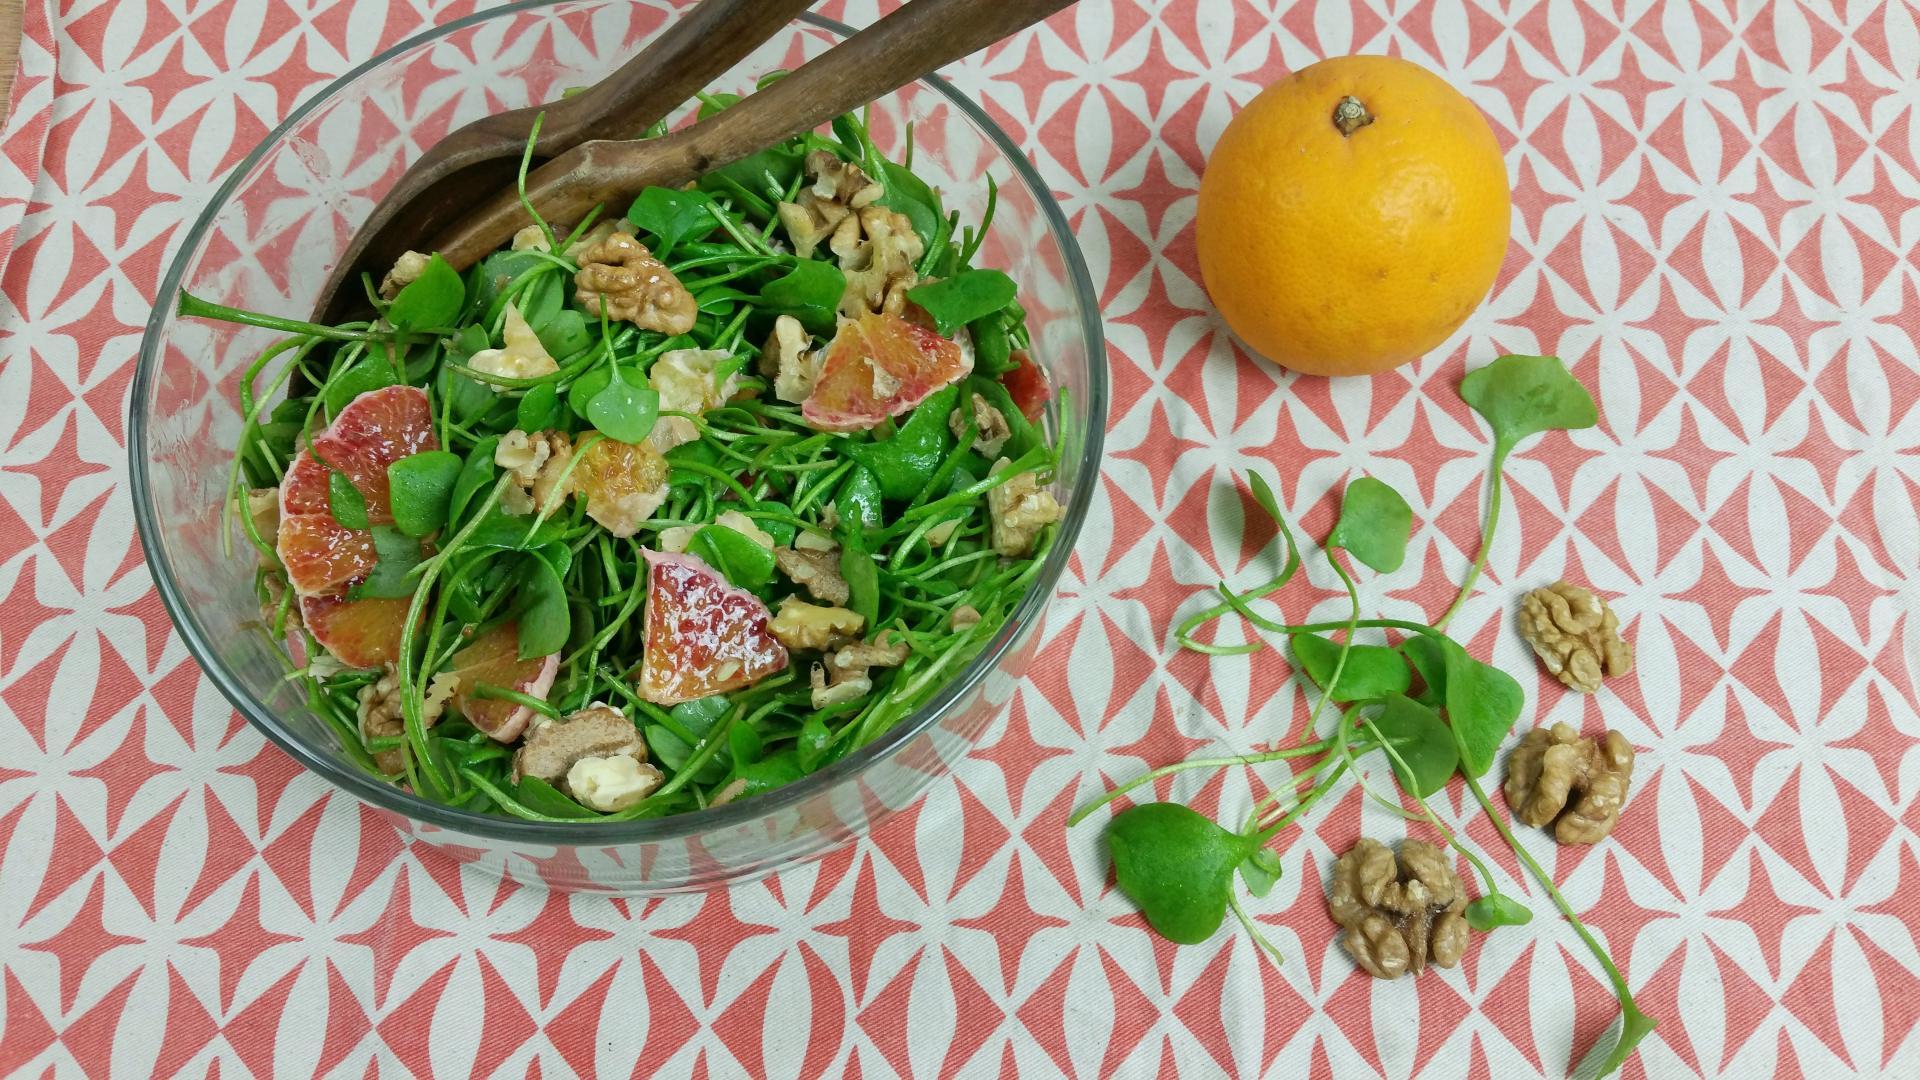 saklade van winterpostelien met sinaasappel en walnoten